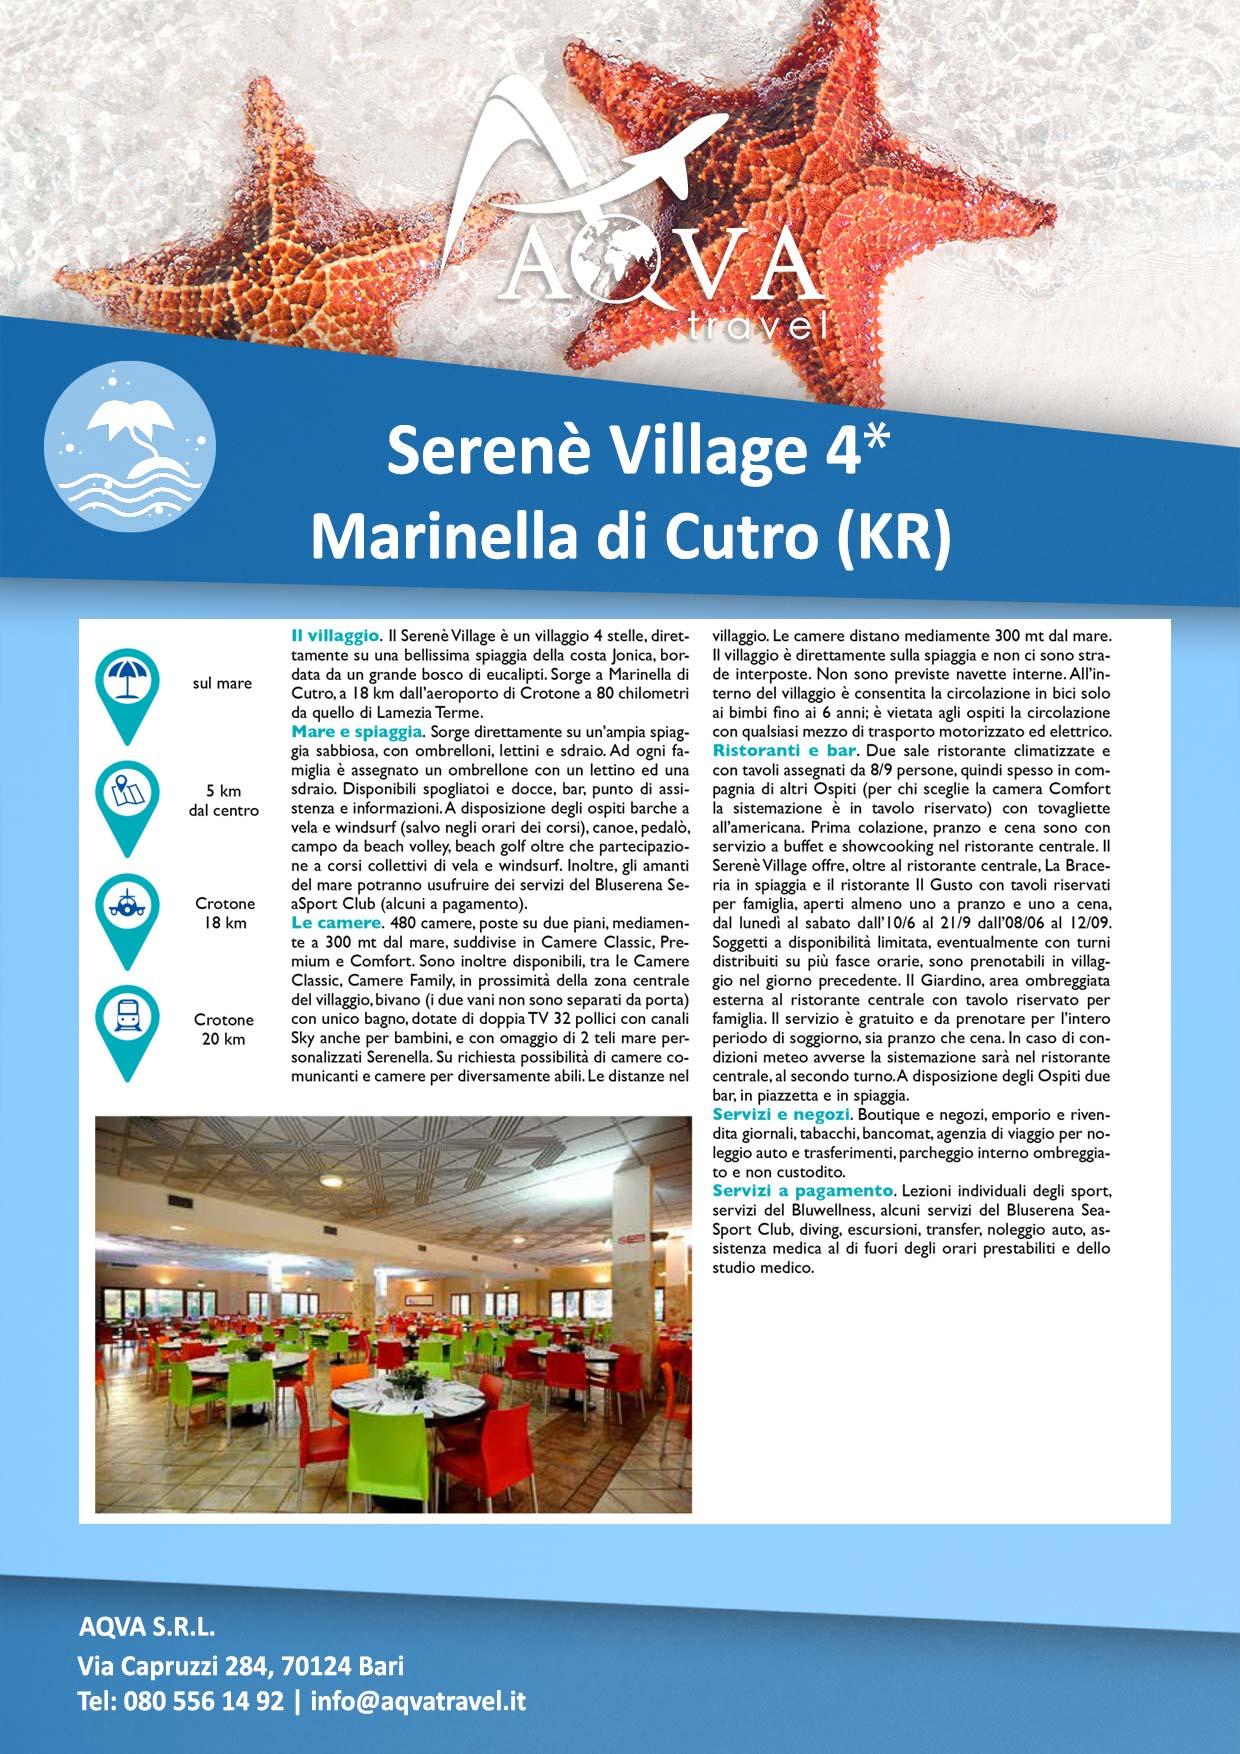 Serenè-Village-4-Marinella-di-Cutro-(KR)-Mare-offerte-agenzia-di-viaggi-Bari-AQVATRAVEL-it